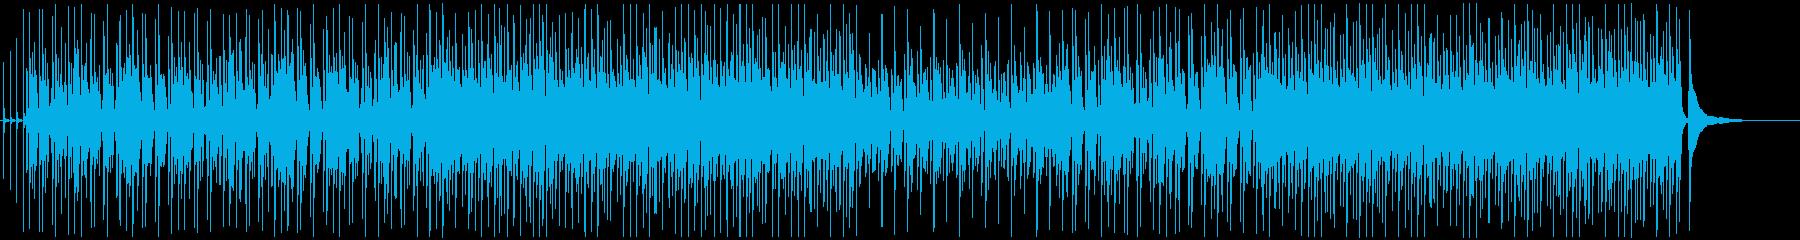 穏やか軽快なアコースティックポップ♫の再生済みの波形